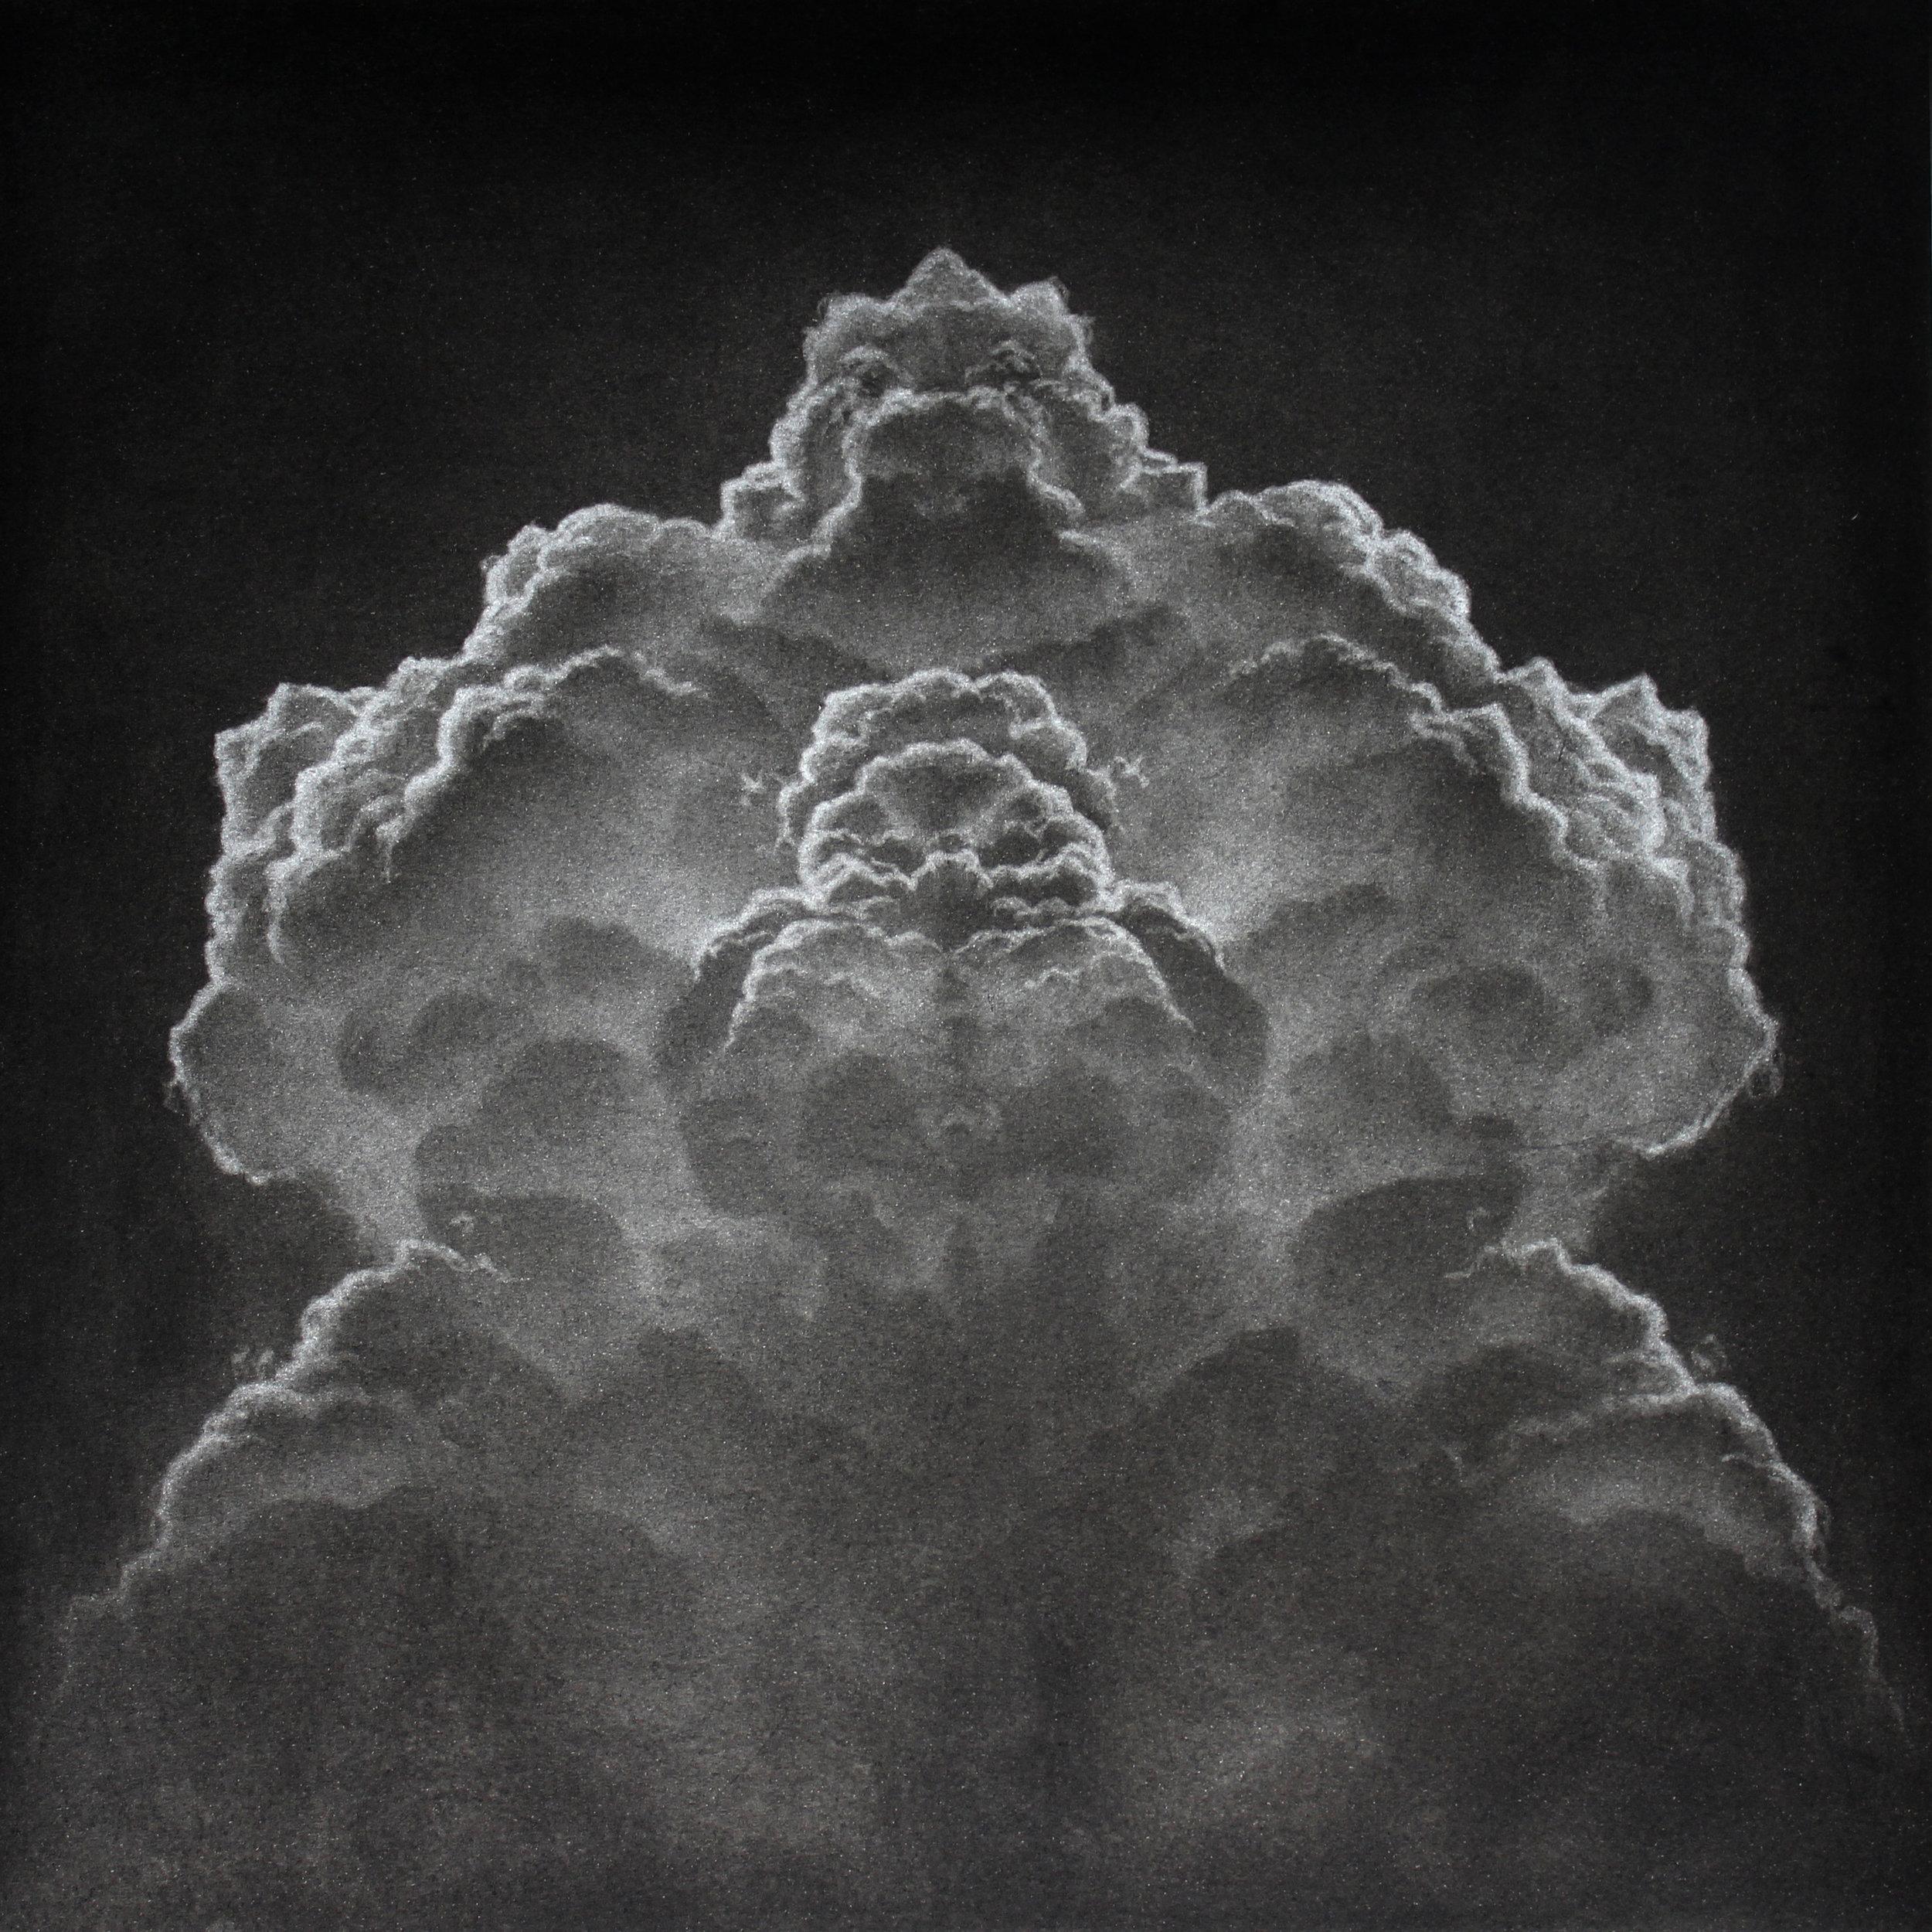 Simetrías celestes II